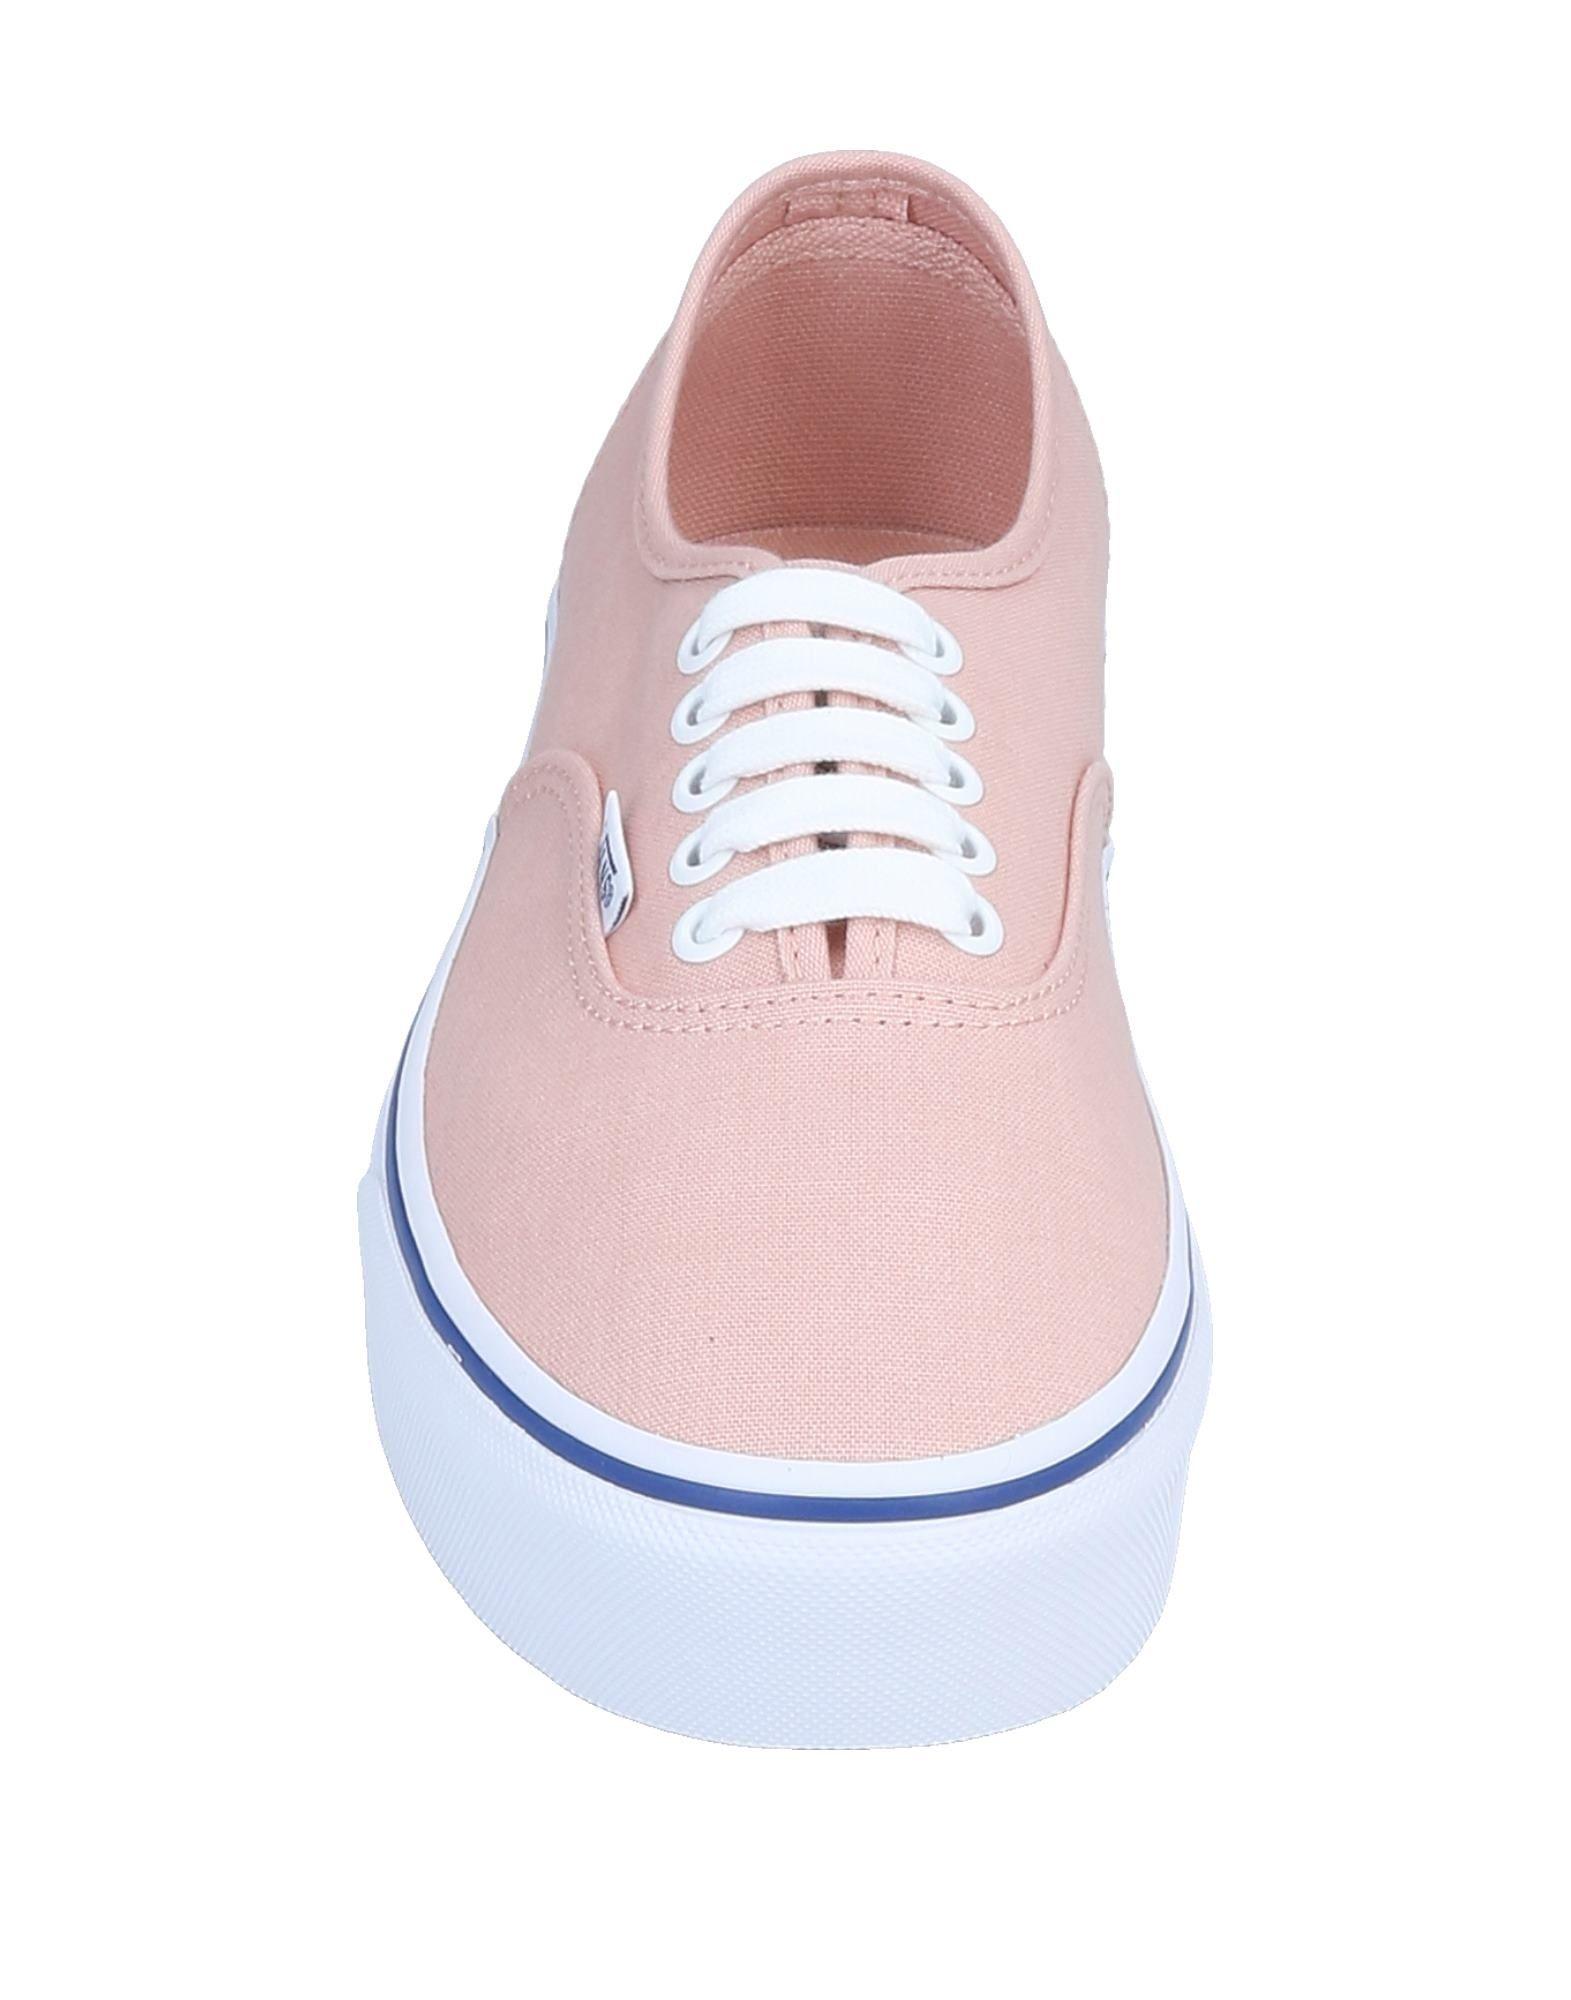 Vans Sneakers Preis-Leistungs-Verhältnis, Damen Gutes Preis-Leistungs-Verhältnis, Sneakers es lohnt sich ddfcd1